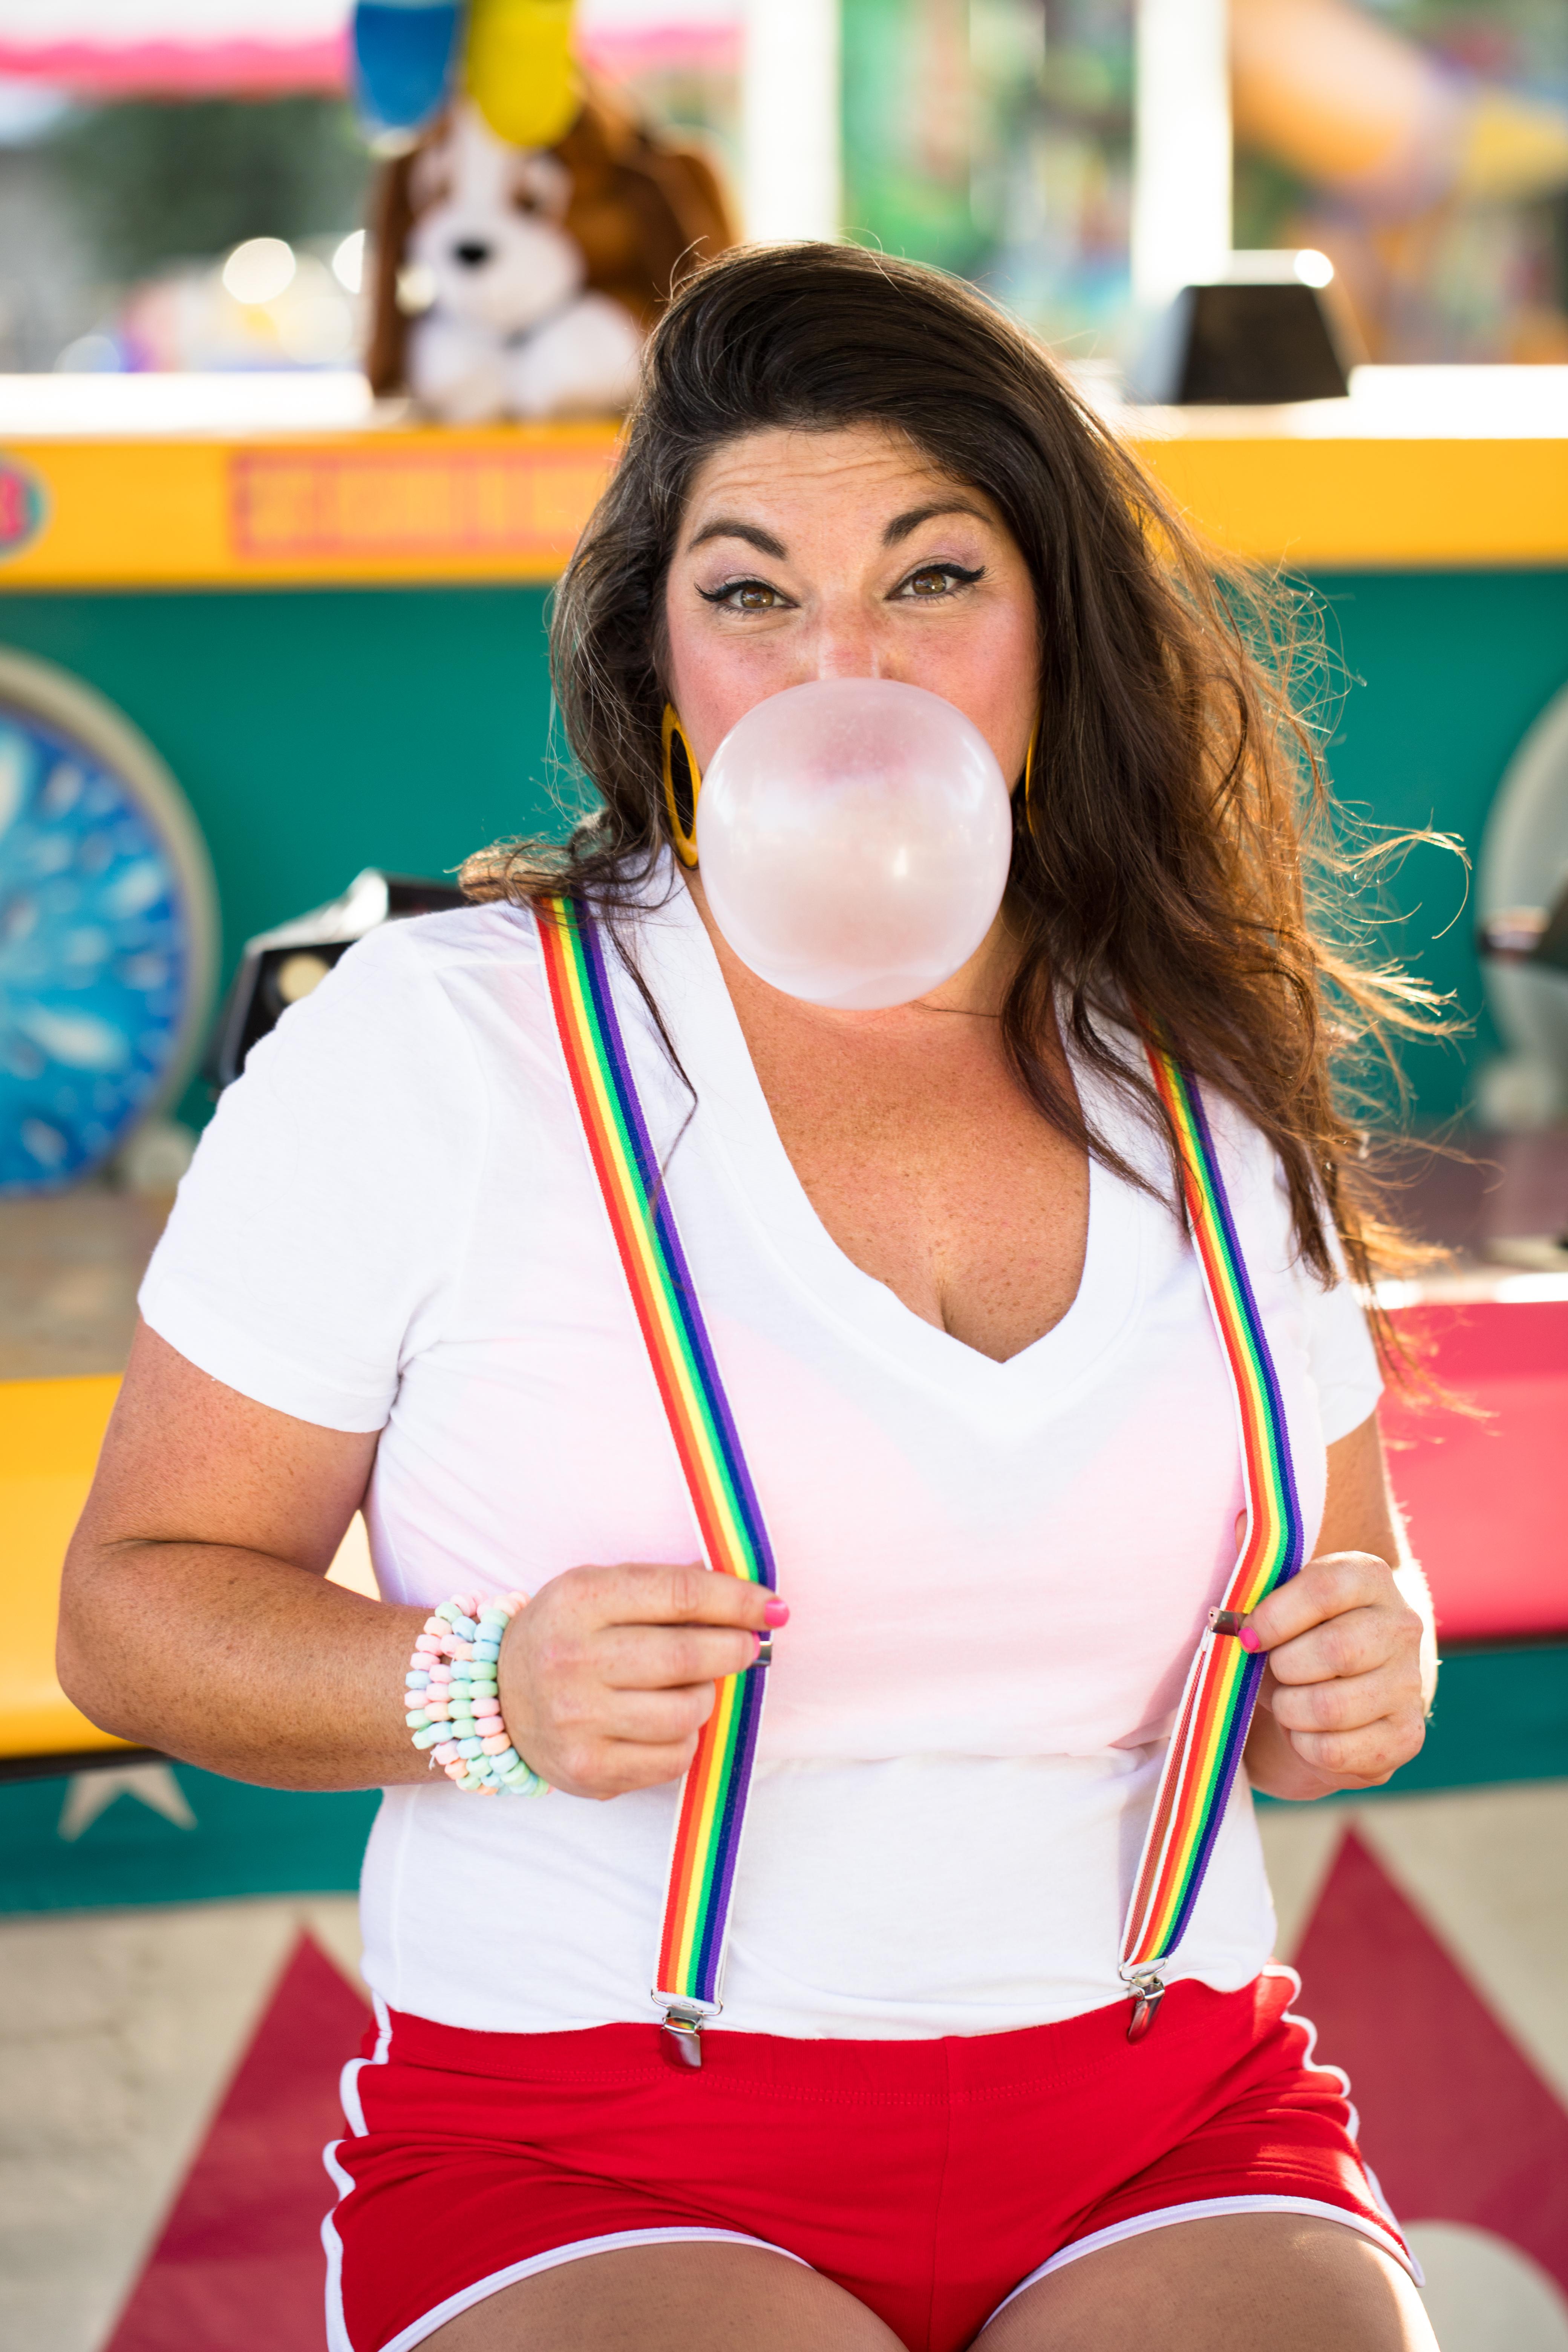 bubble gum bright colors